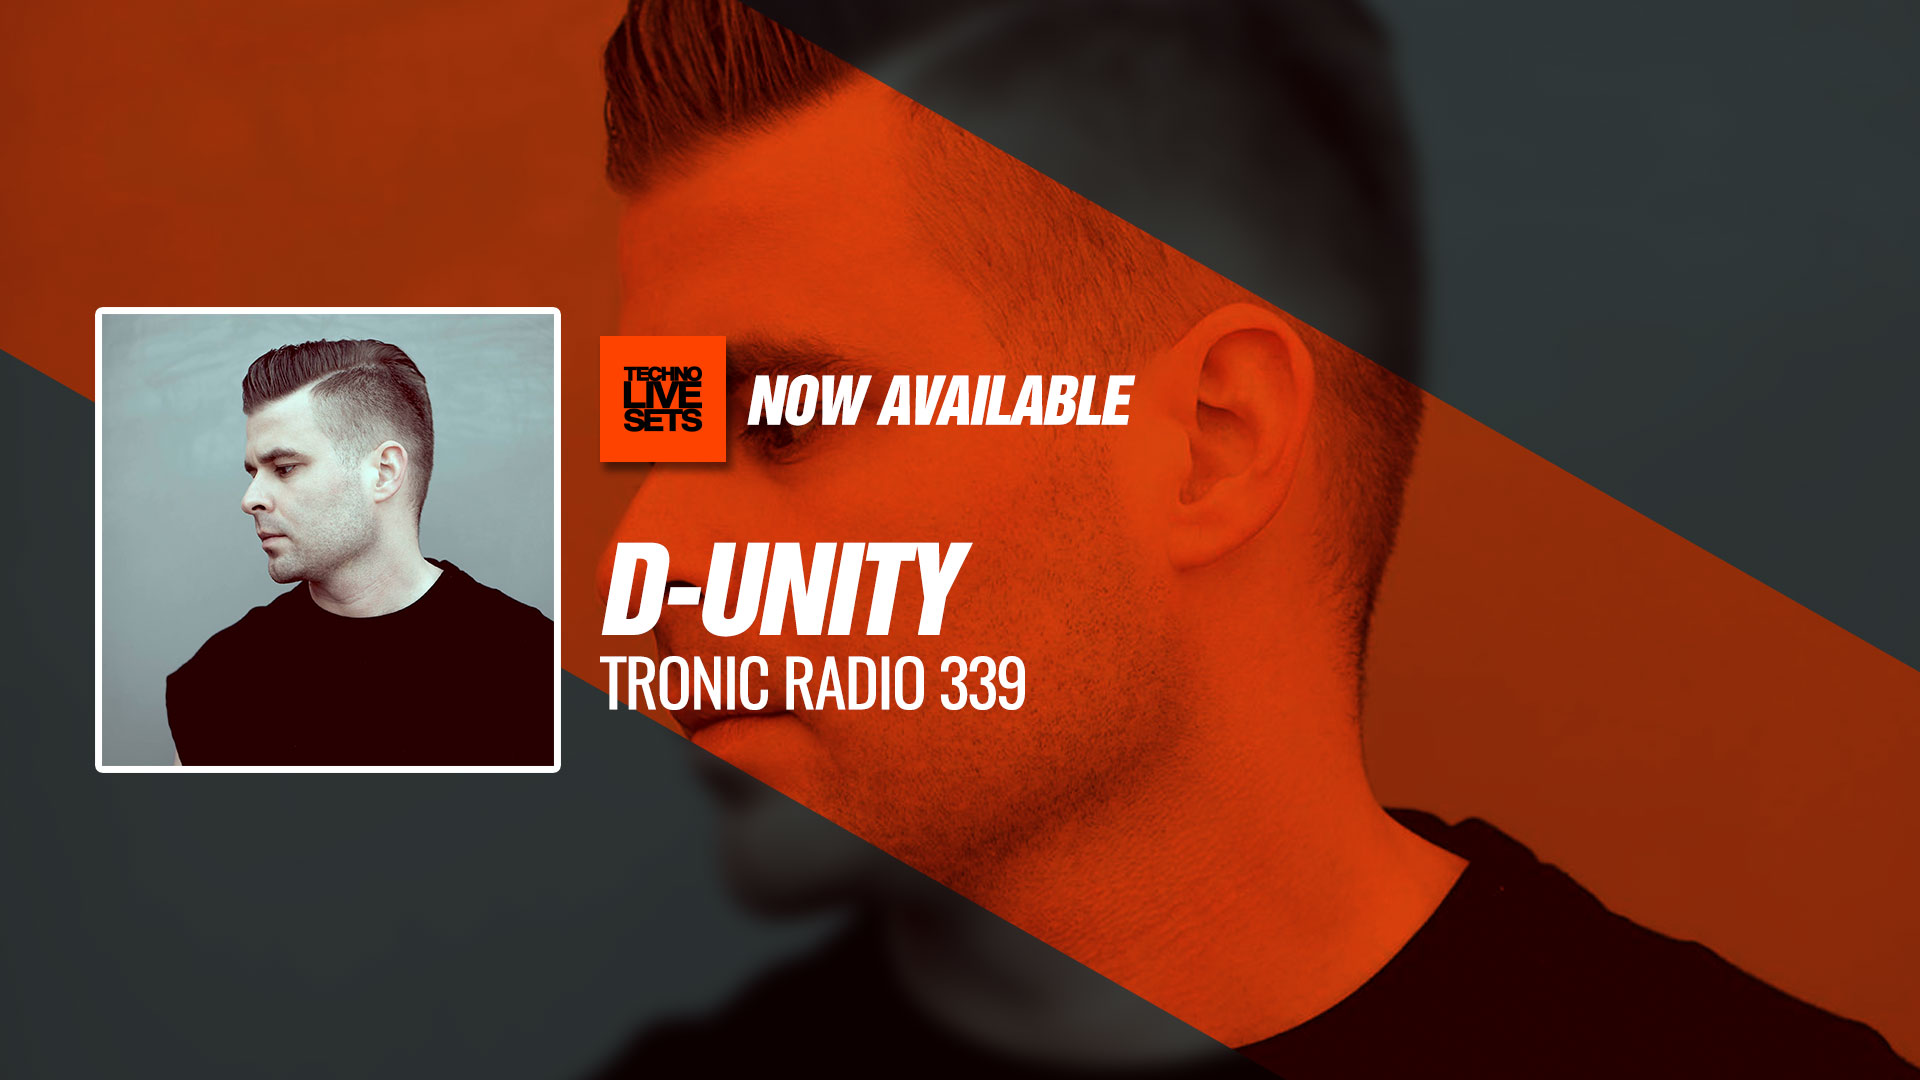 D-Unity 2019 Tronic Radio 339 22-01-2019